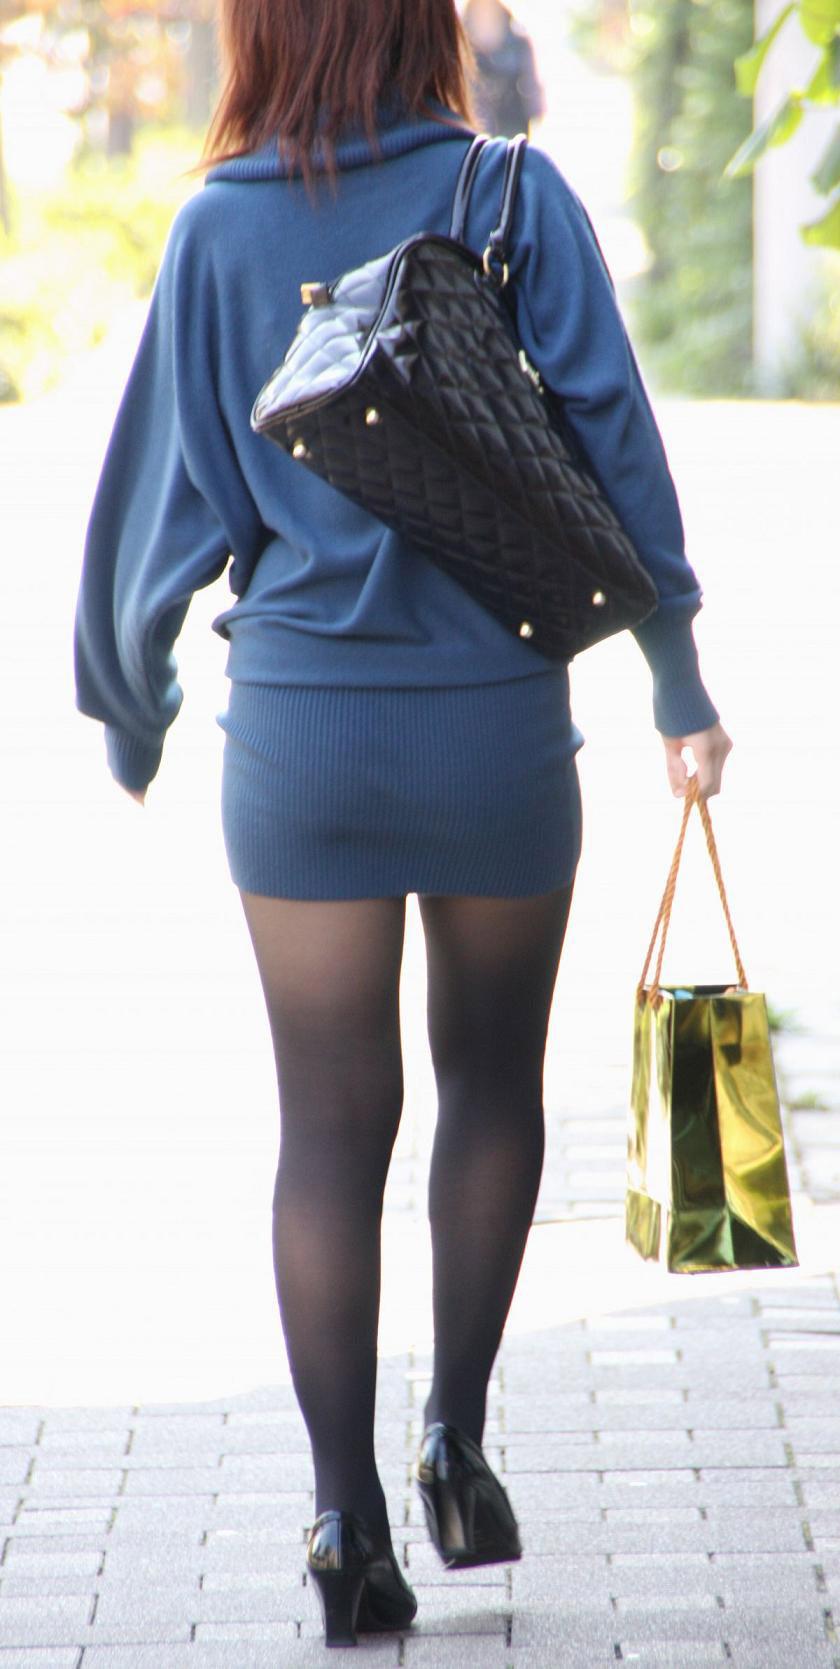 【パンストエロ画像】黒の中にうっすら見える生肌が最高!街撮り大人の女性の黒パンスト美脚 10